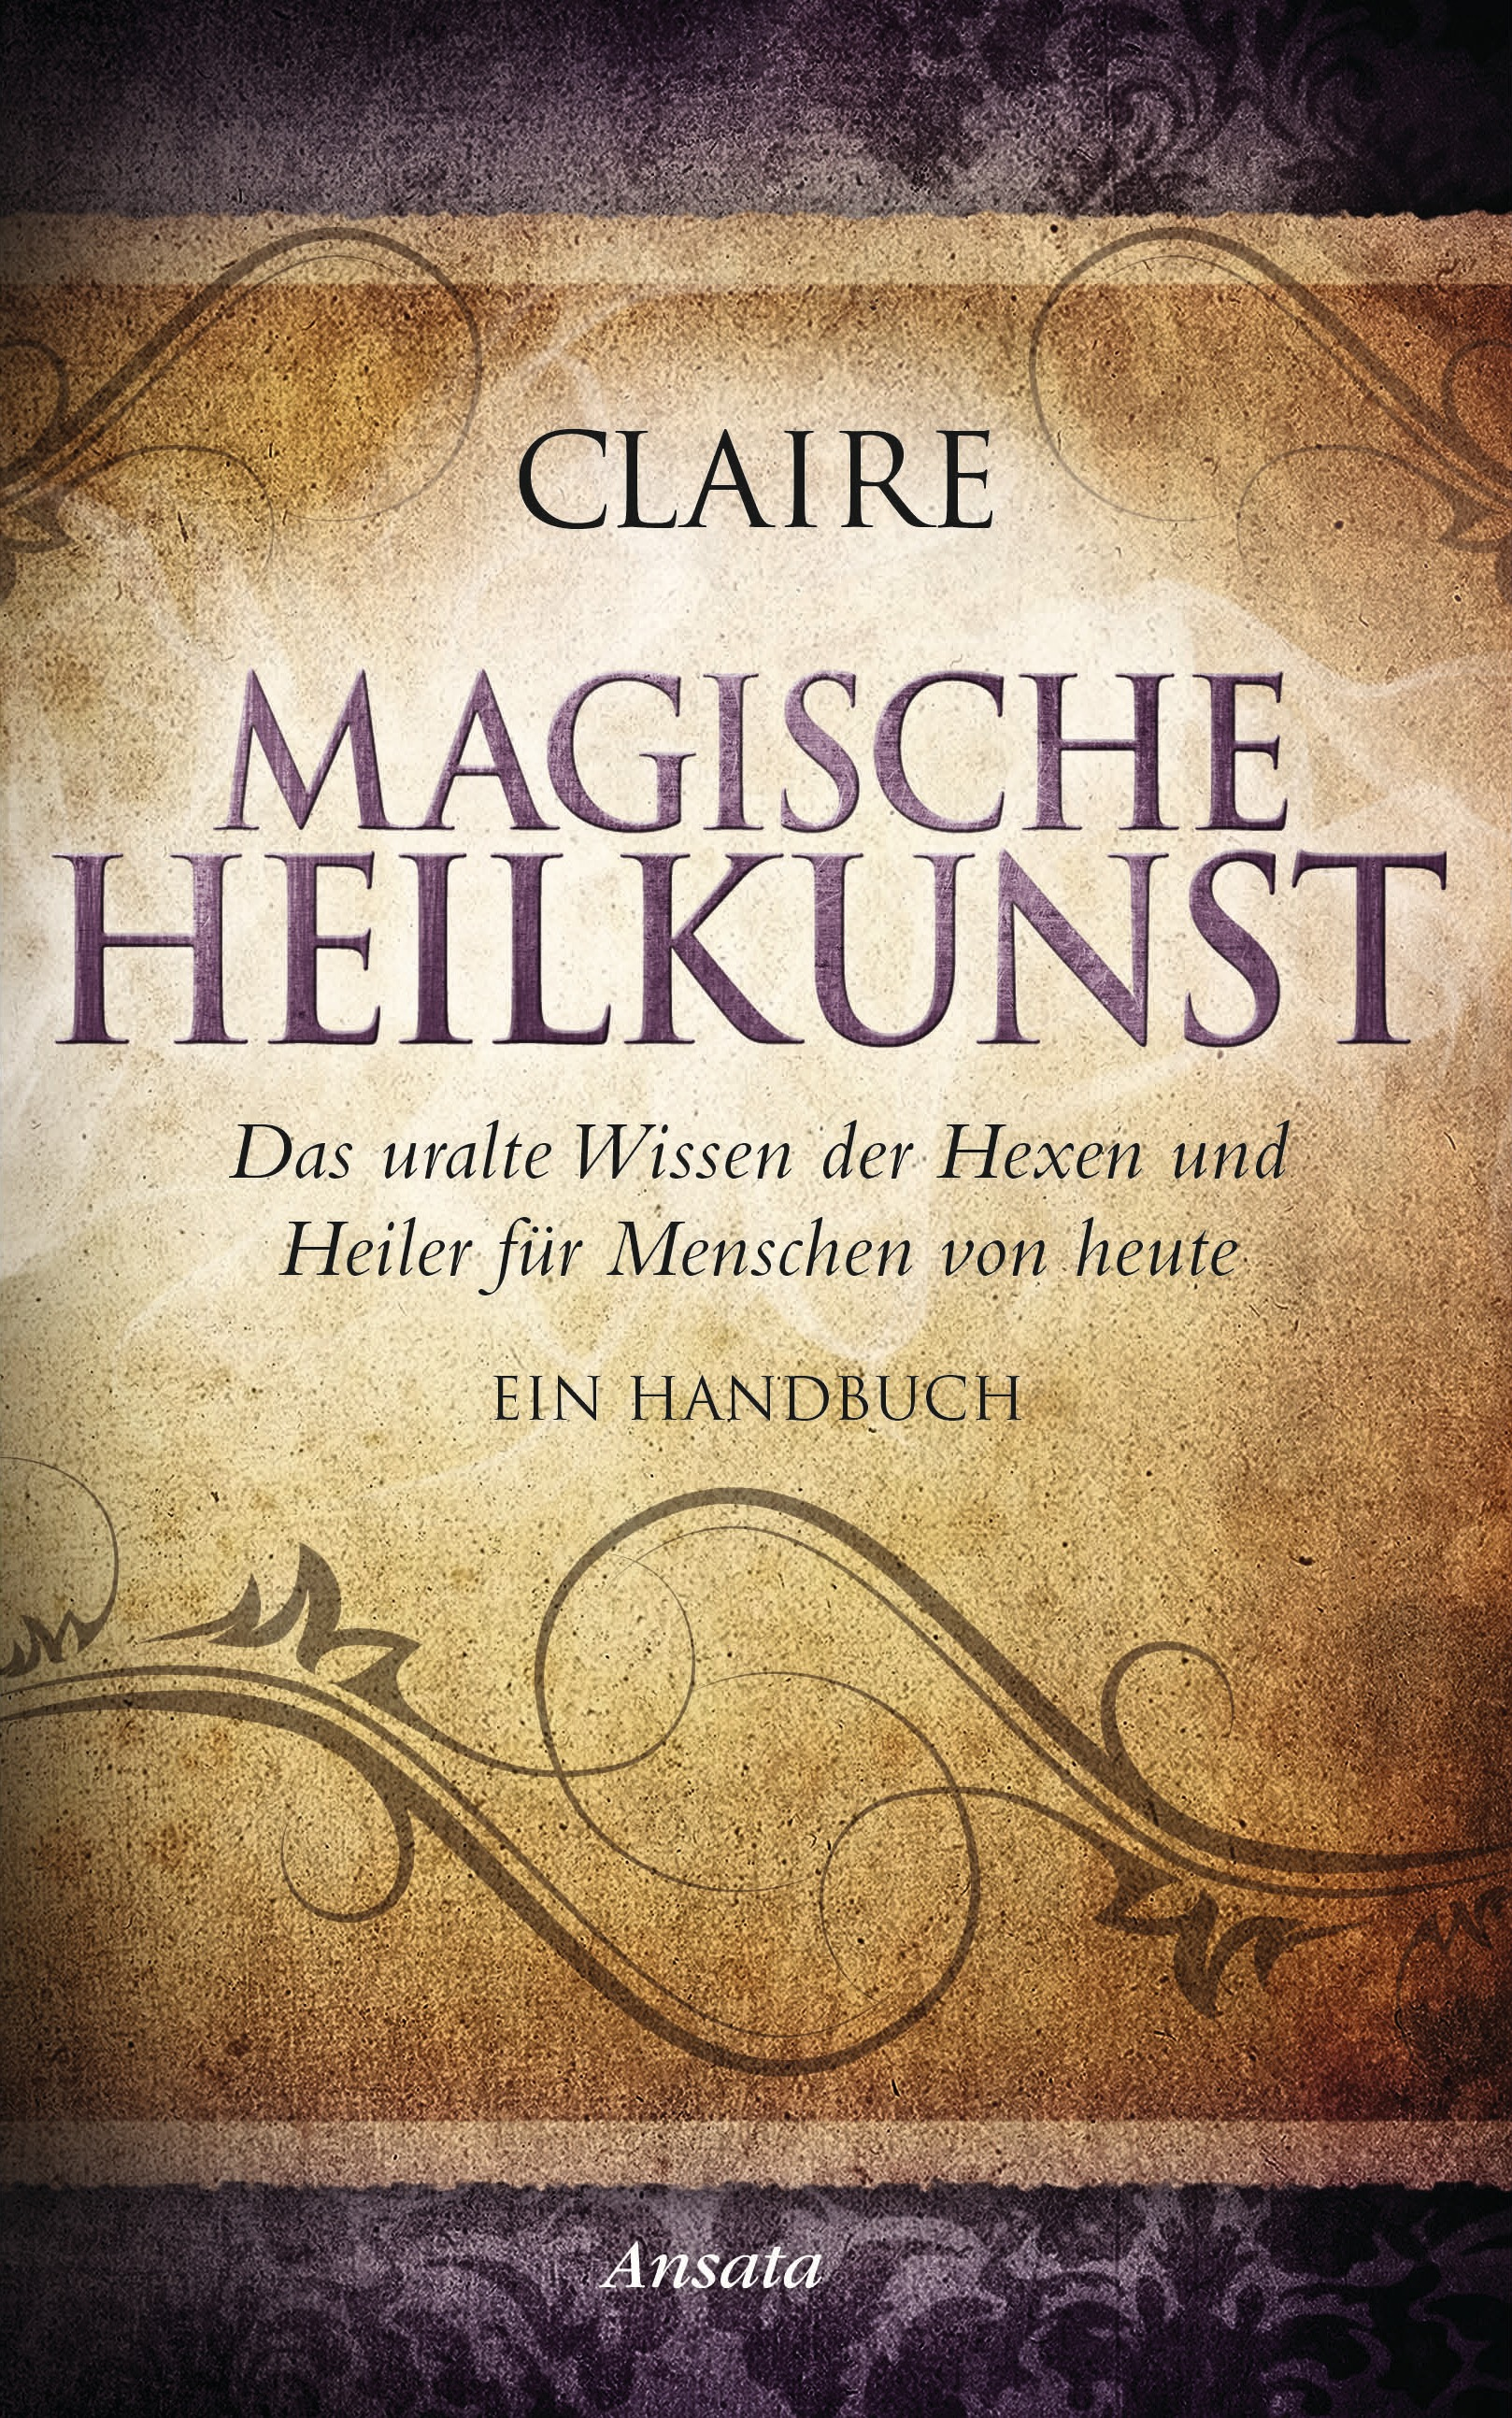 Magische Heilkunst: Das uralte Wissen der Hexen...